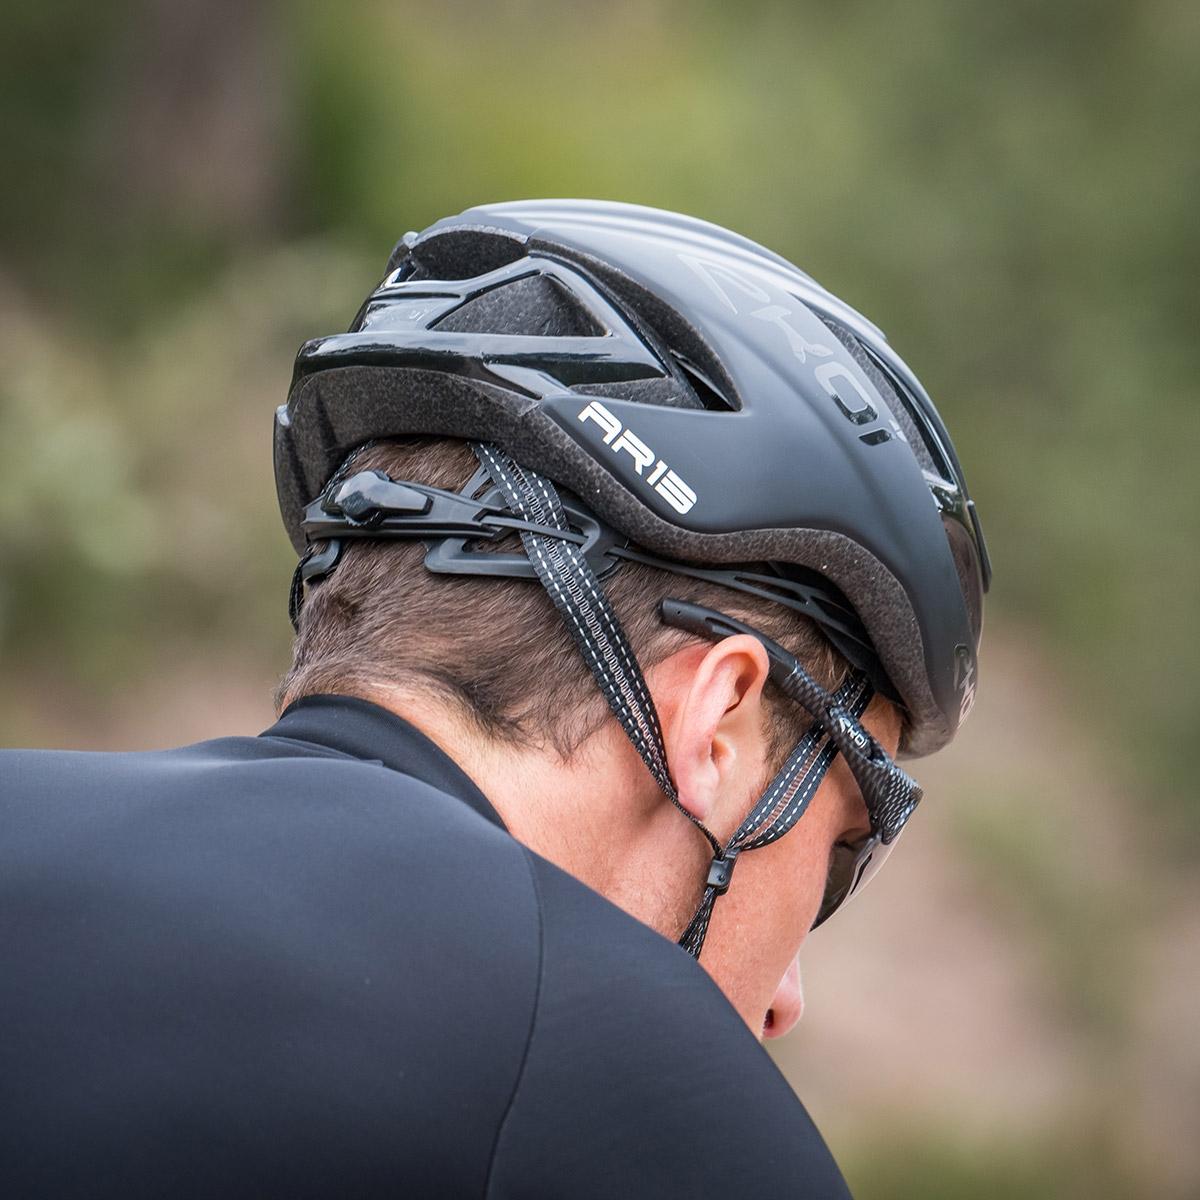 Kalf Flux Hommes Taille Short Sport Cyclisme Vélo Léger Confort jambières pad